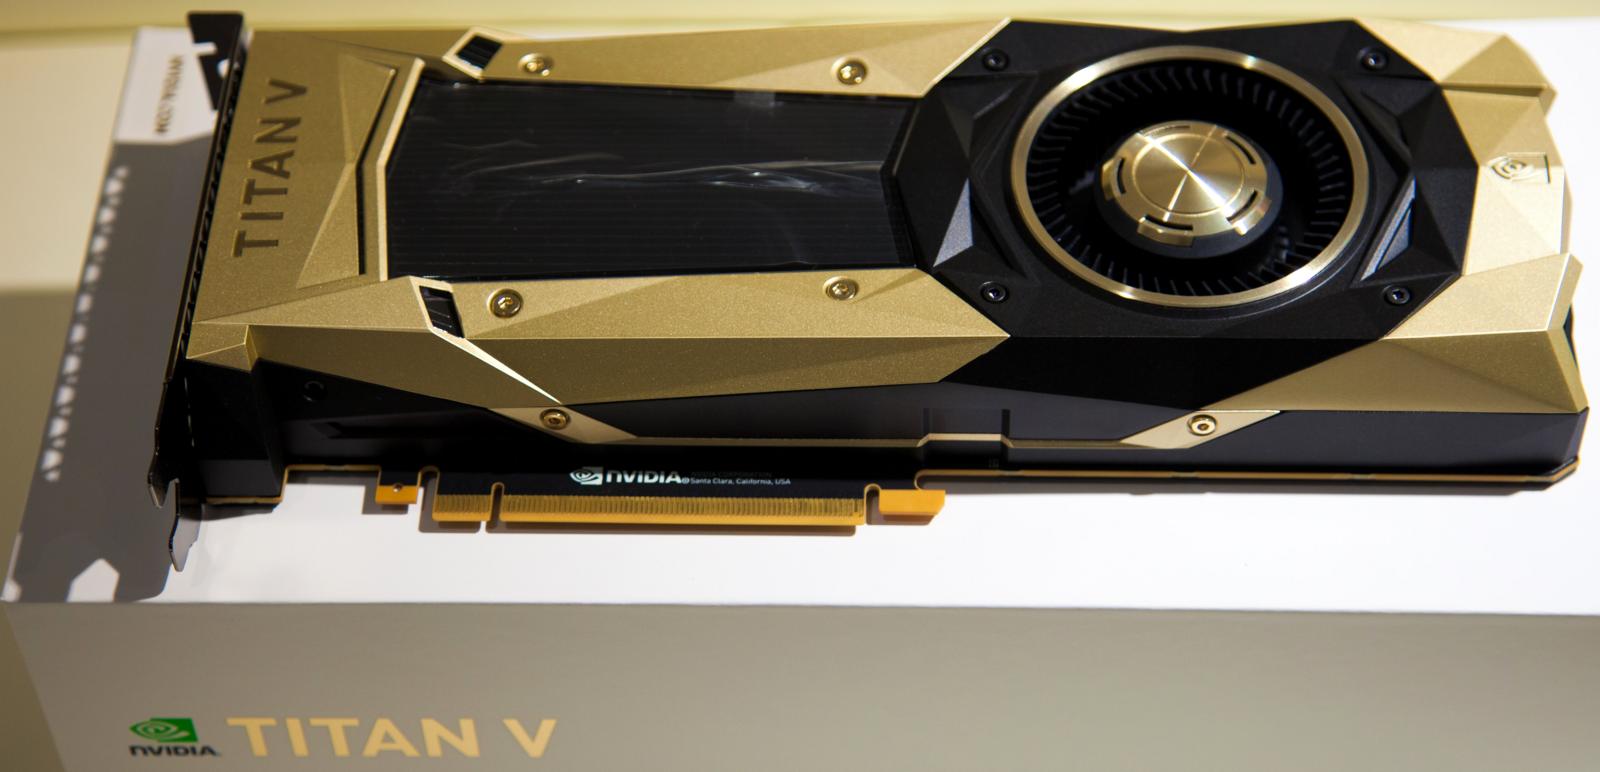 Nvidia Geforce GTX TITAN V Hashrate